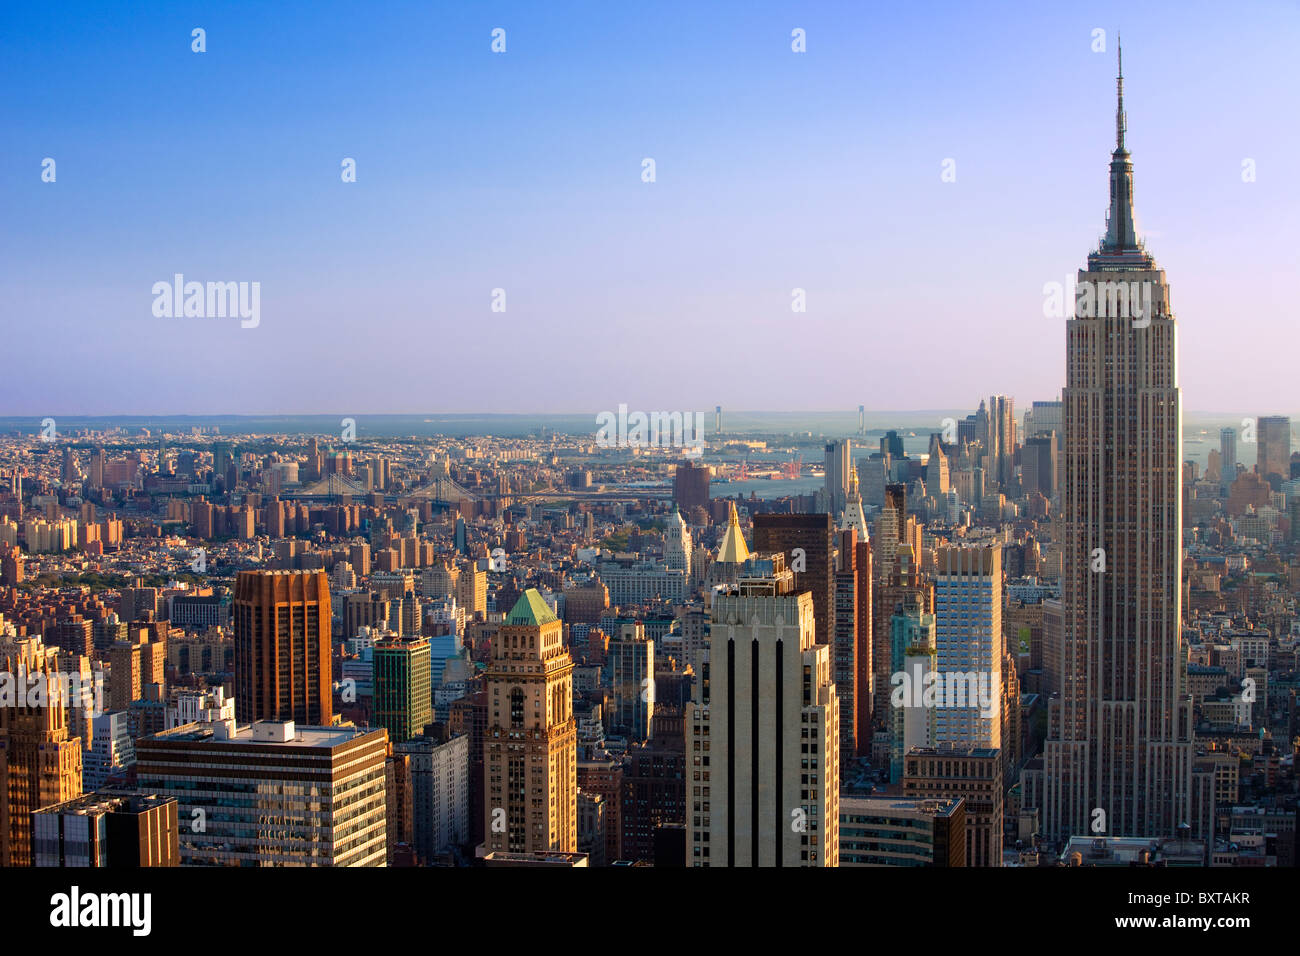 Nel tardo pomeriggio vista dell'Empire State building e lo skyline di Manhattan, New York City USA Immagini Stock